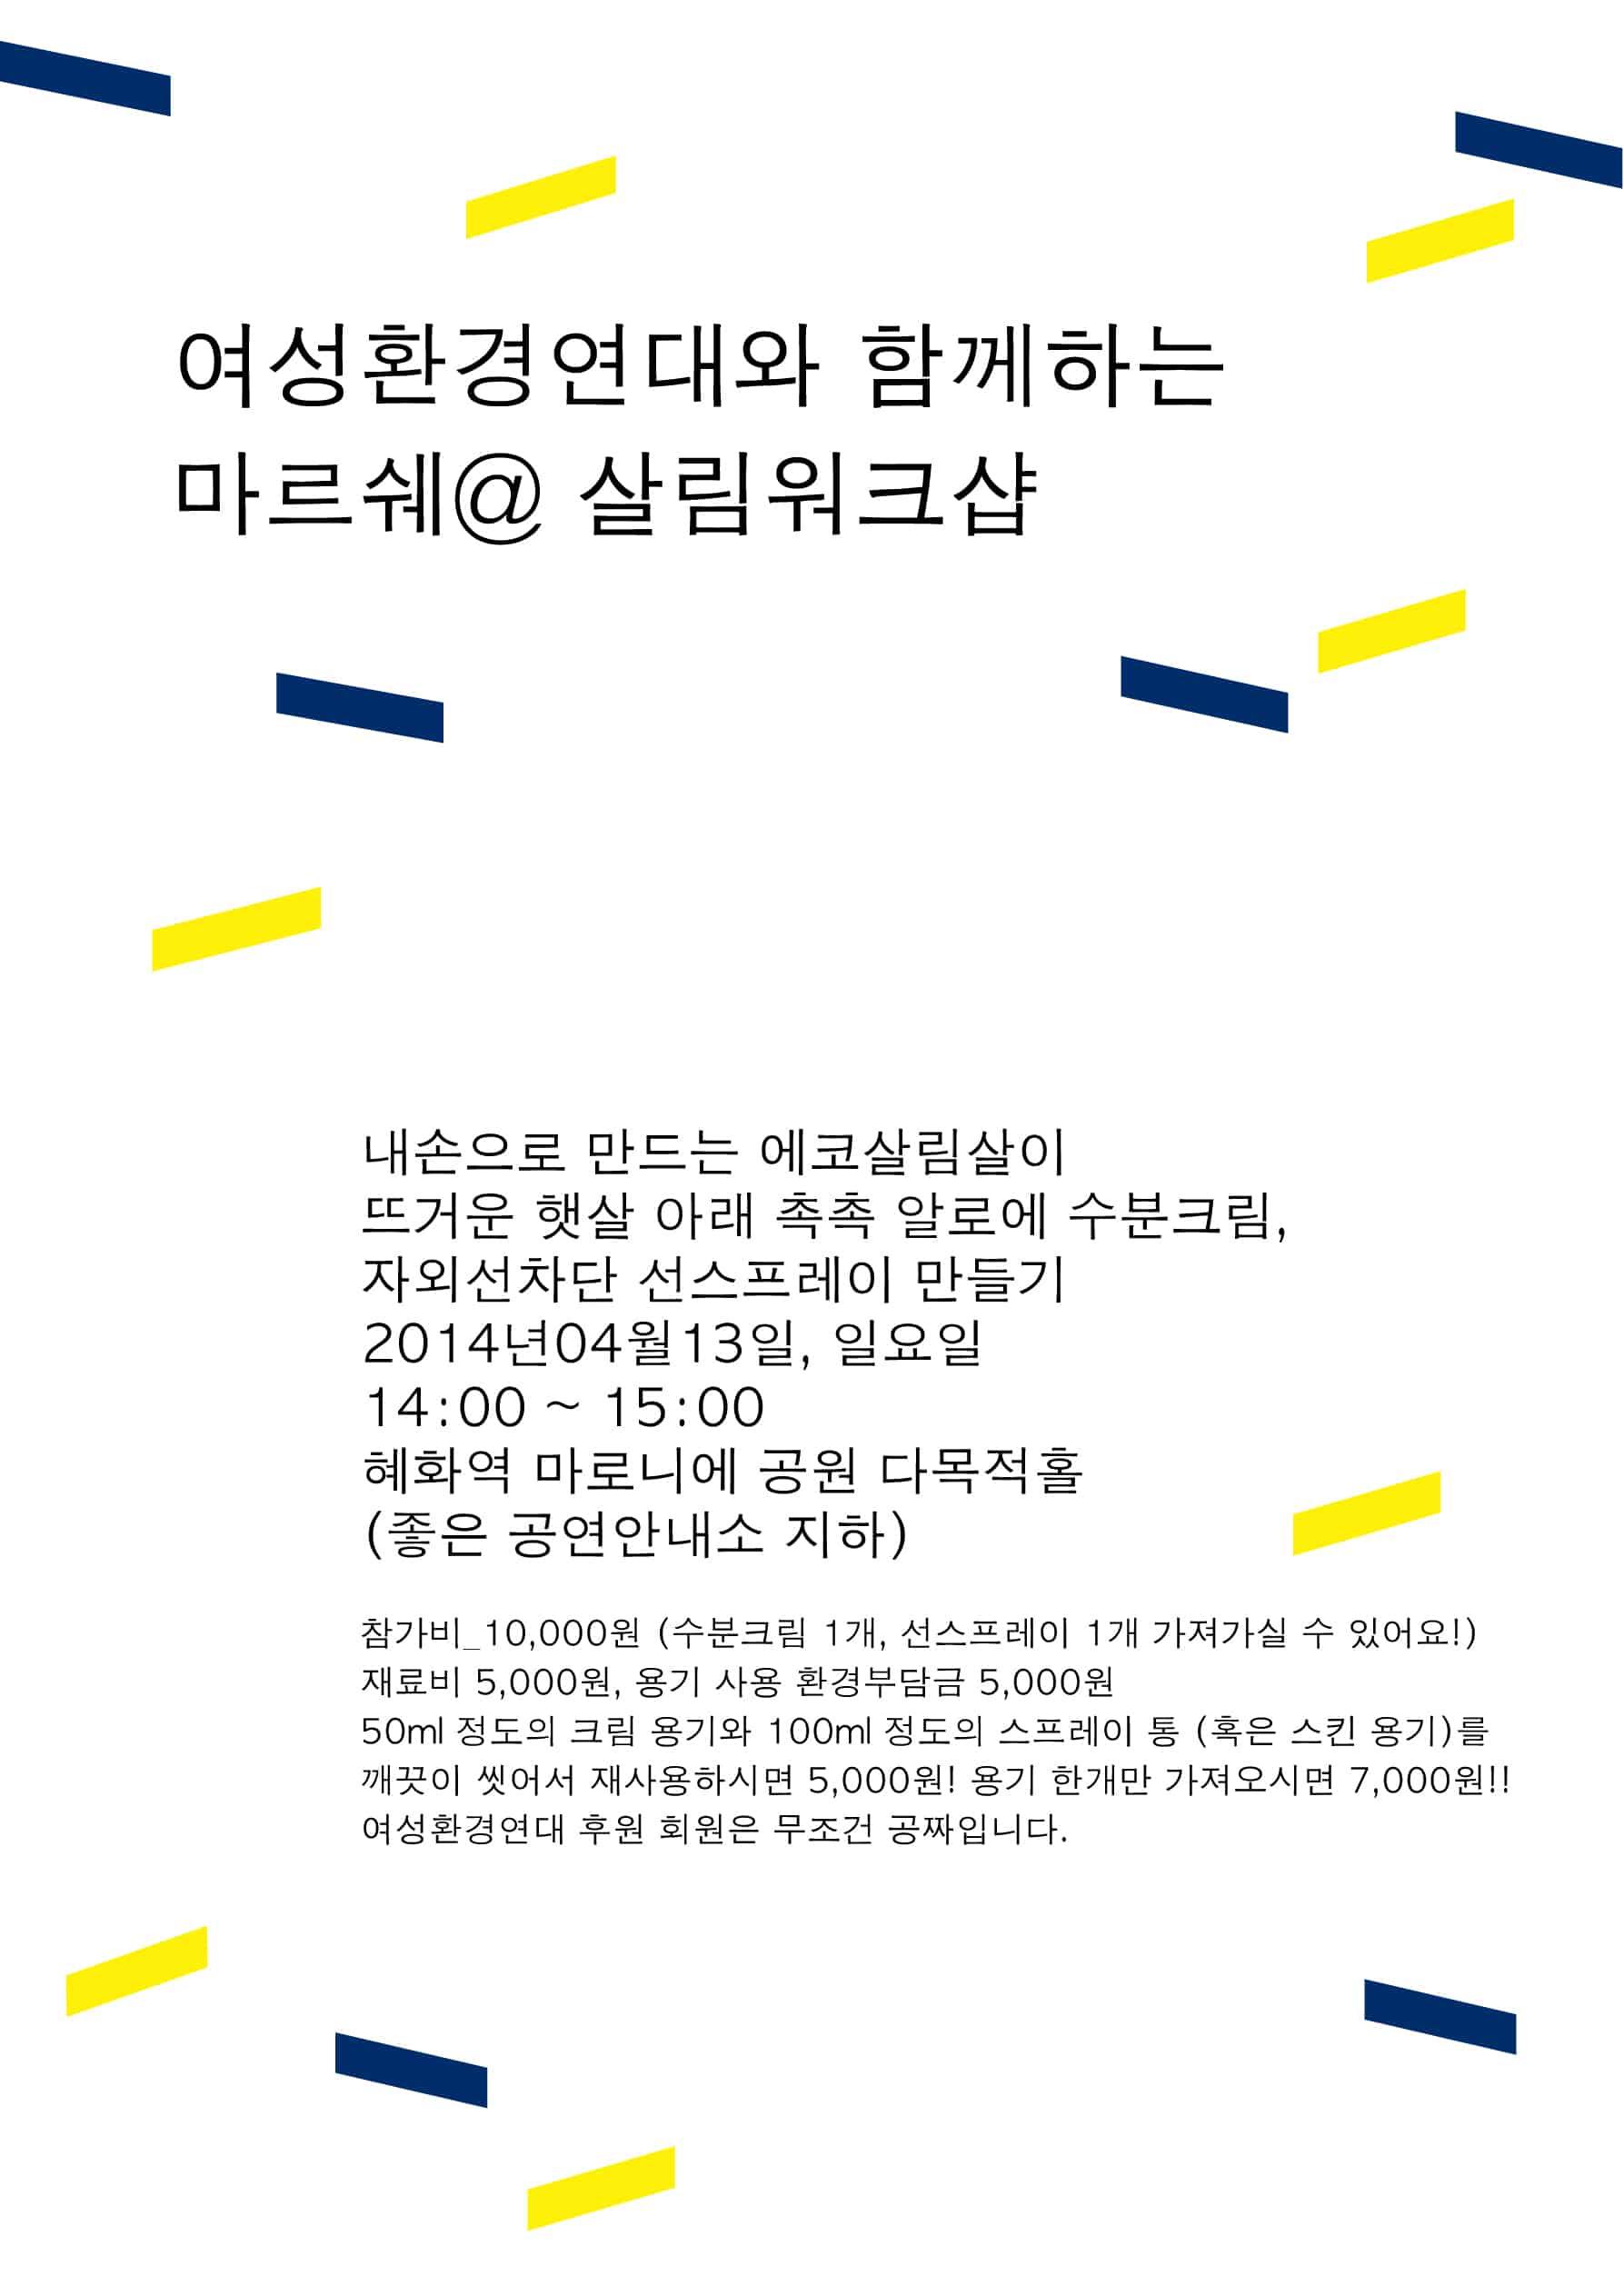 수정 마르쉐 April 2014 워크샵 포스터